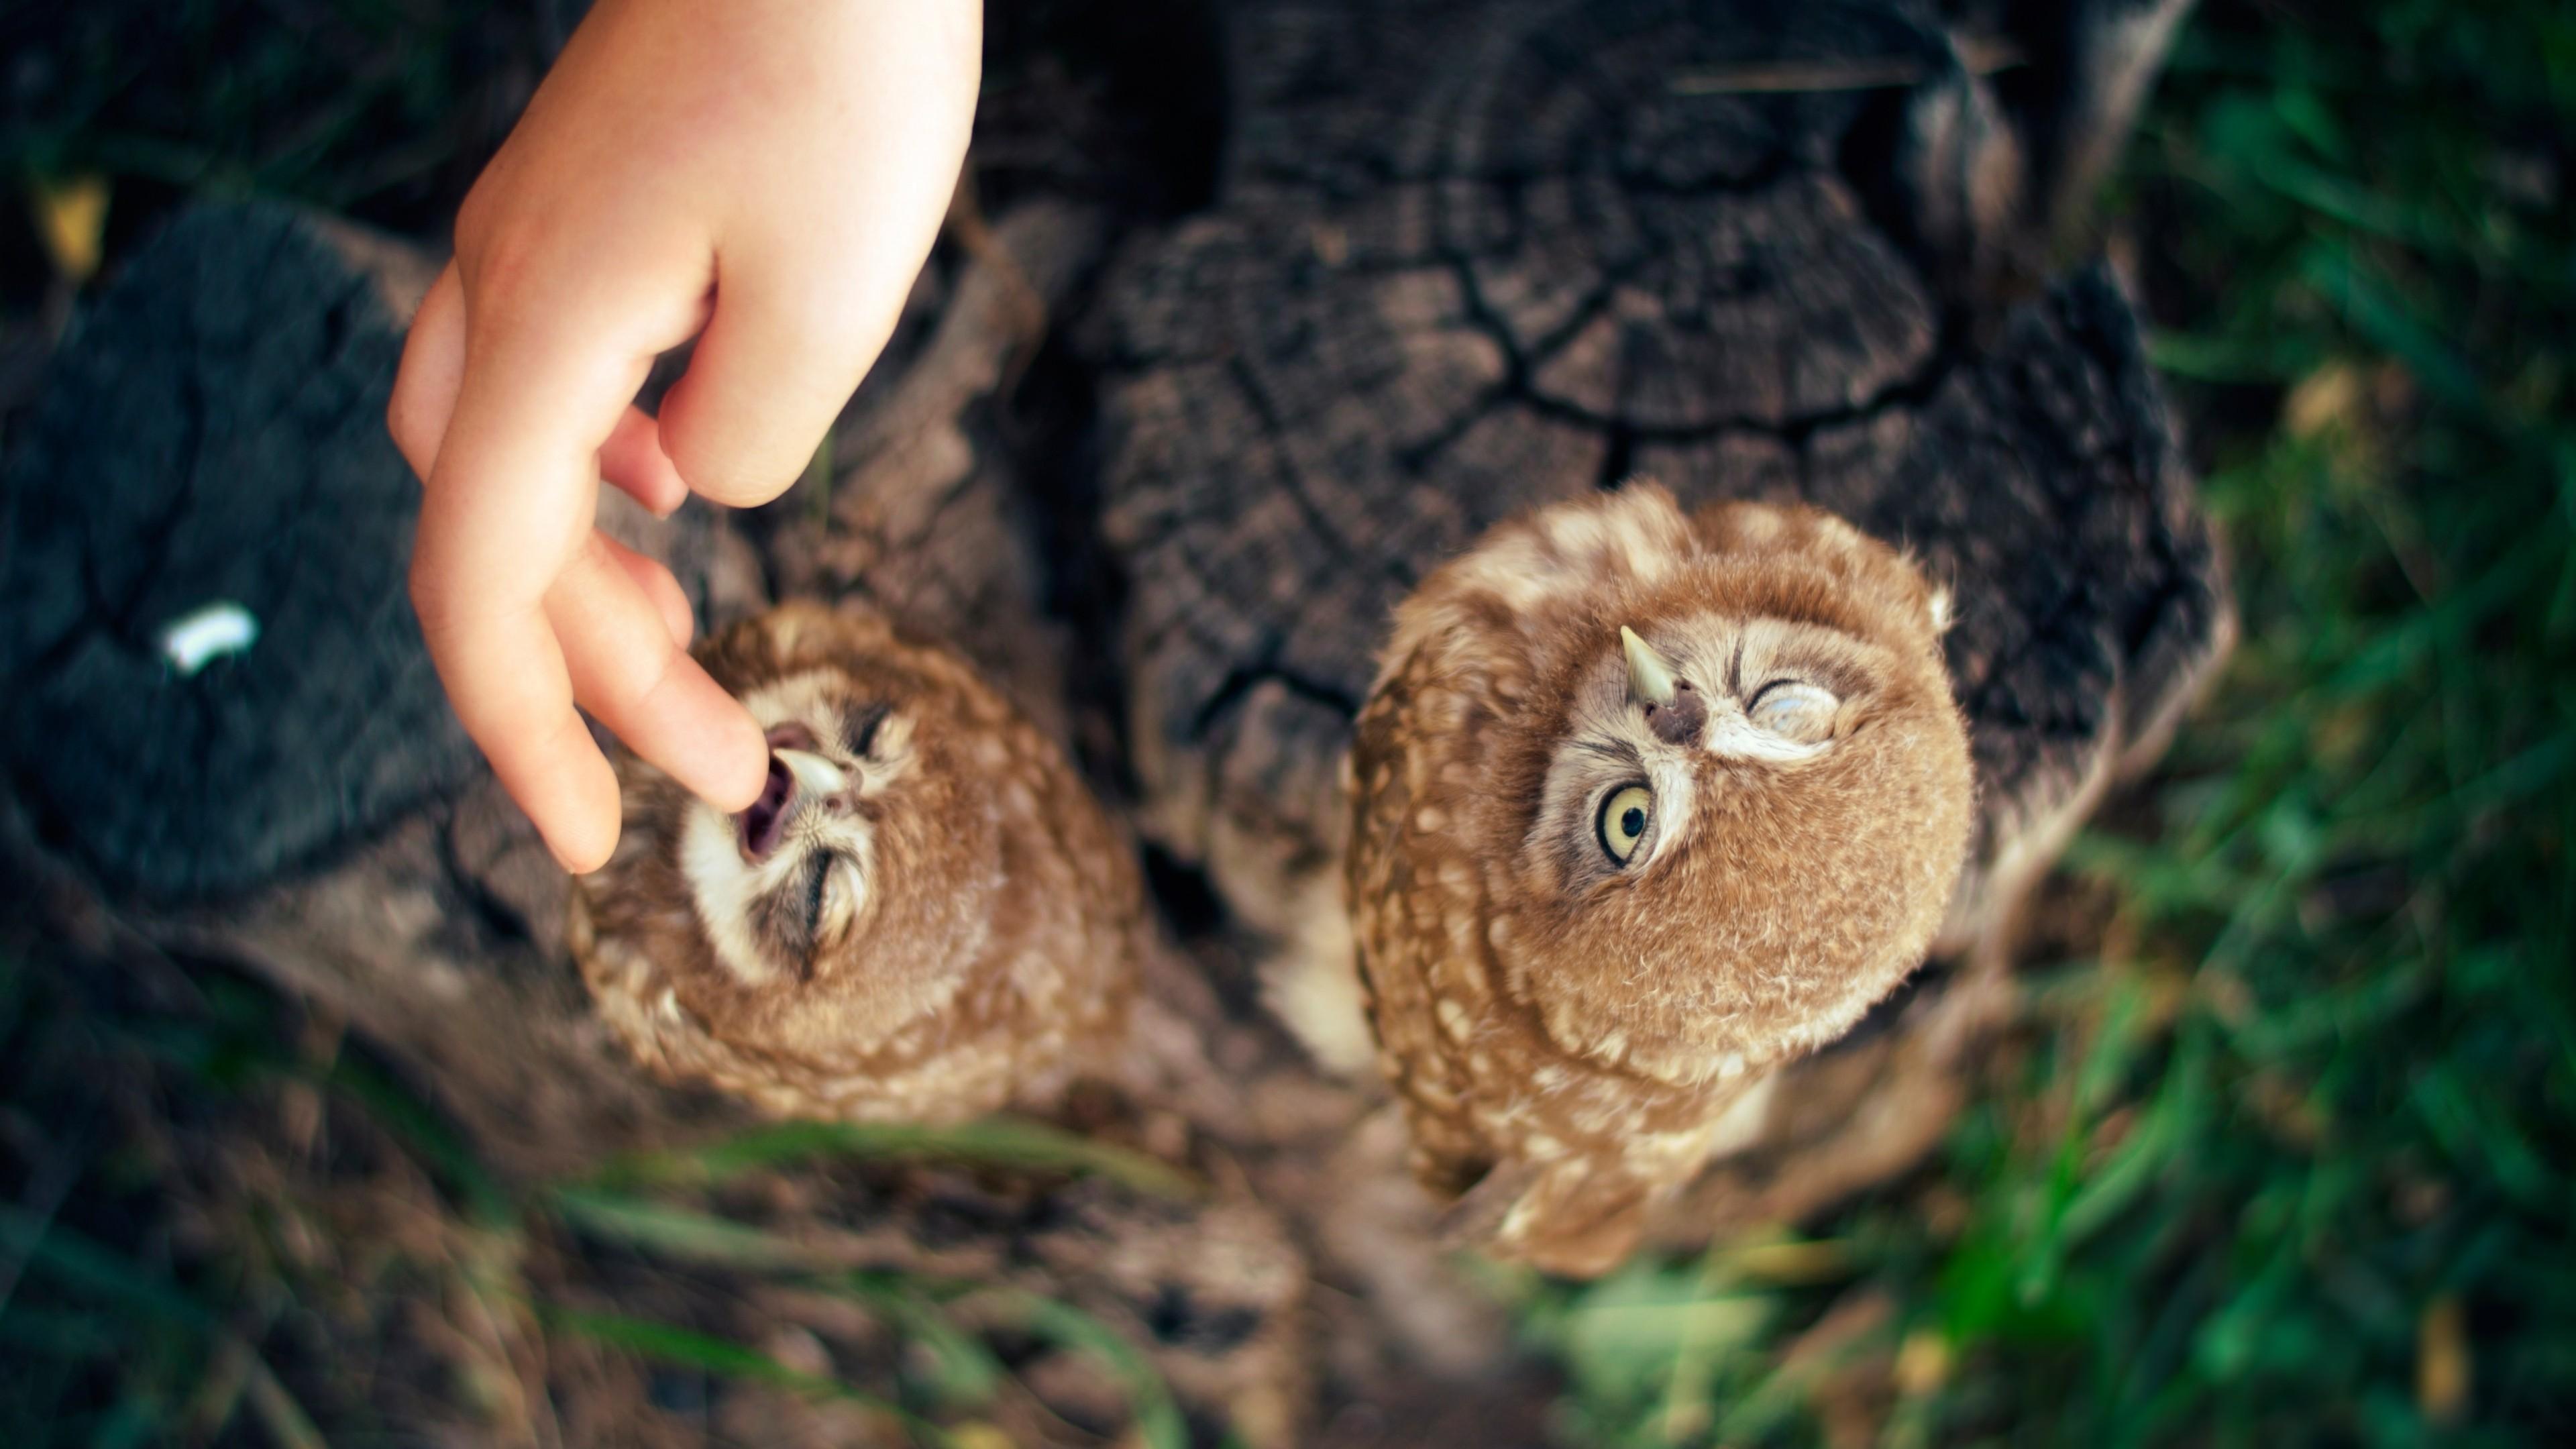 Wallpaper Owl Ann And Hayk Owls Armenia Cute Hand